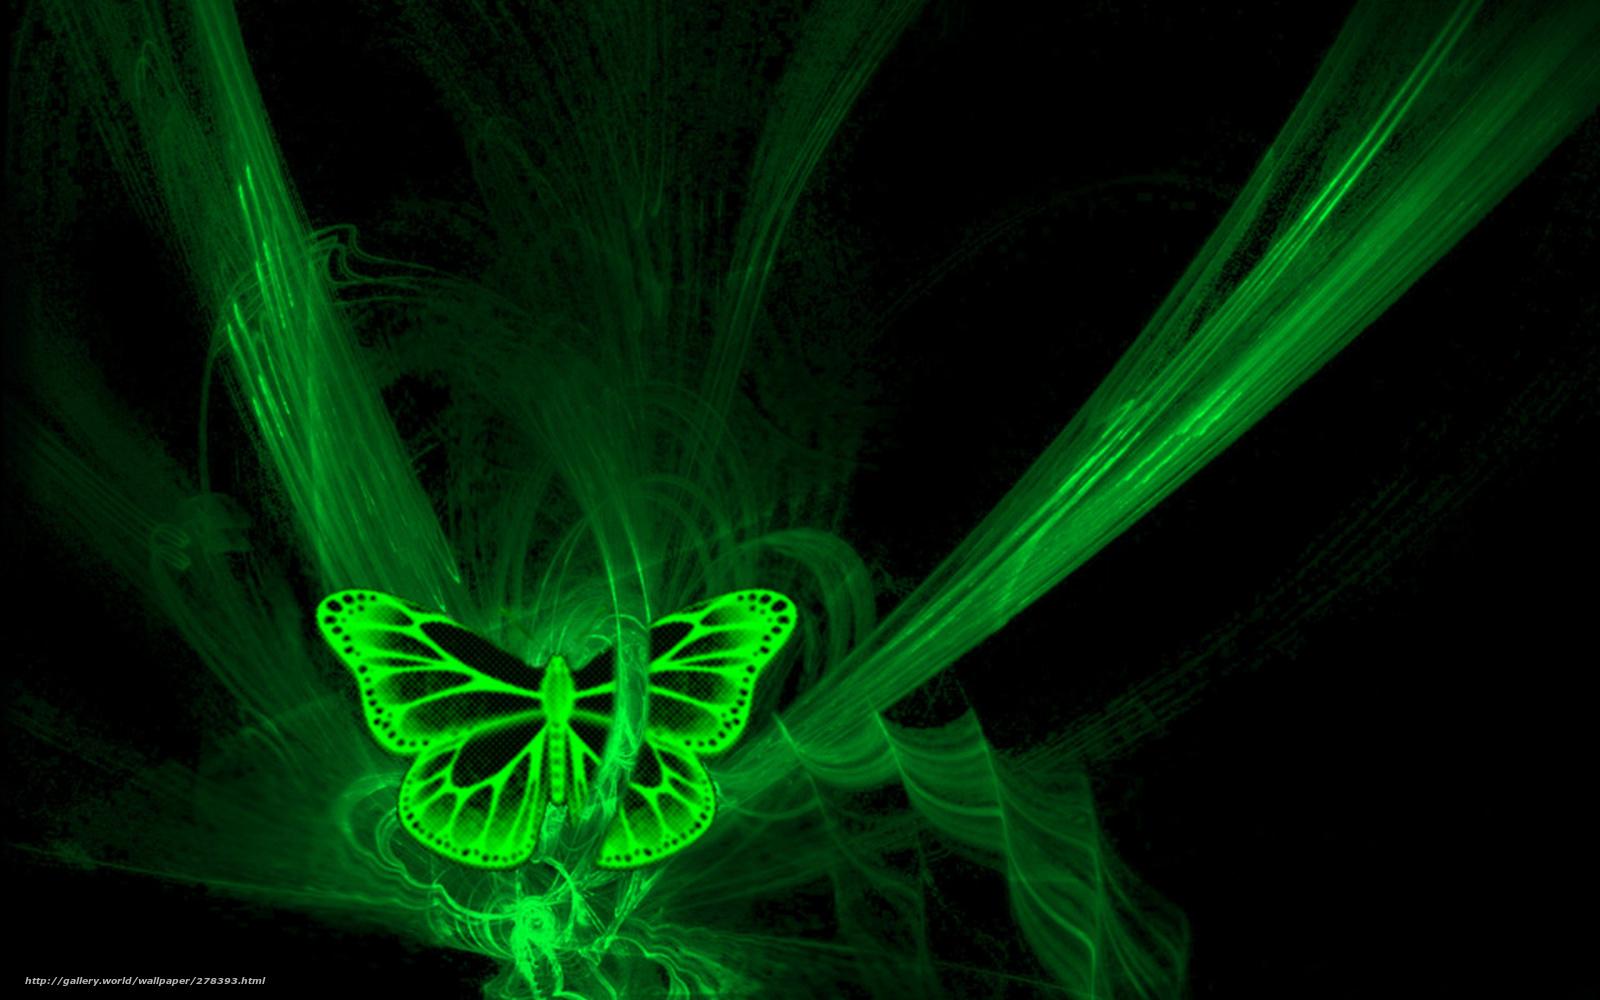 Scaricare Gli Sfondi Farfalla Neon Nero Verde Sfondi Gratis Per